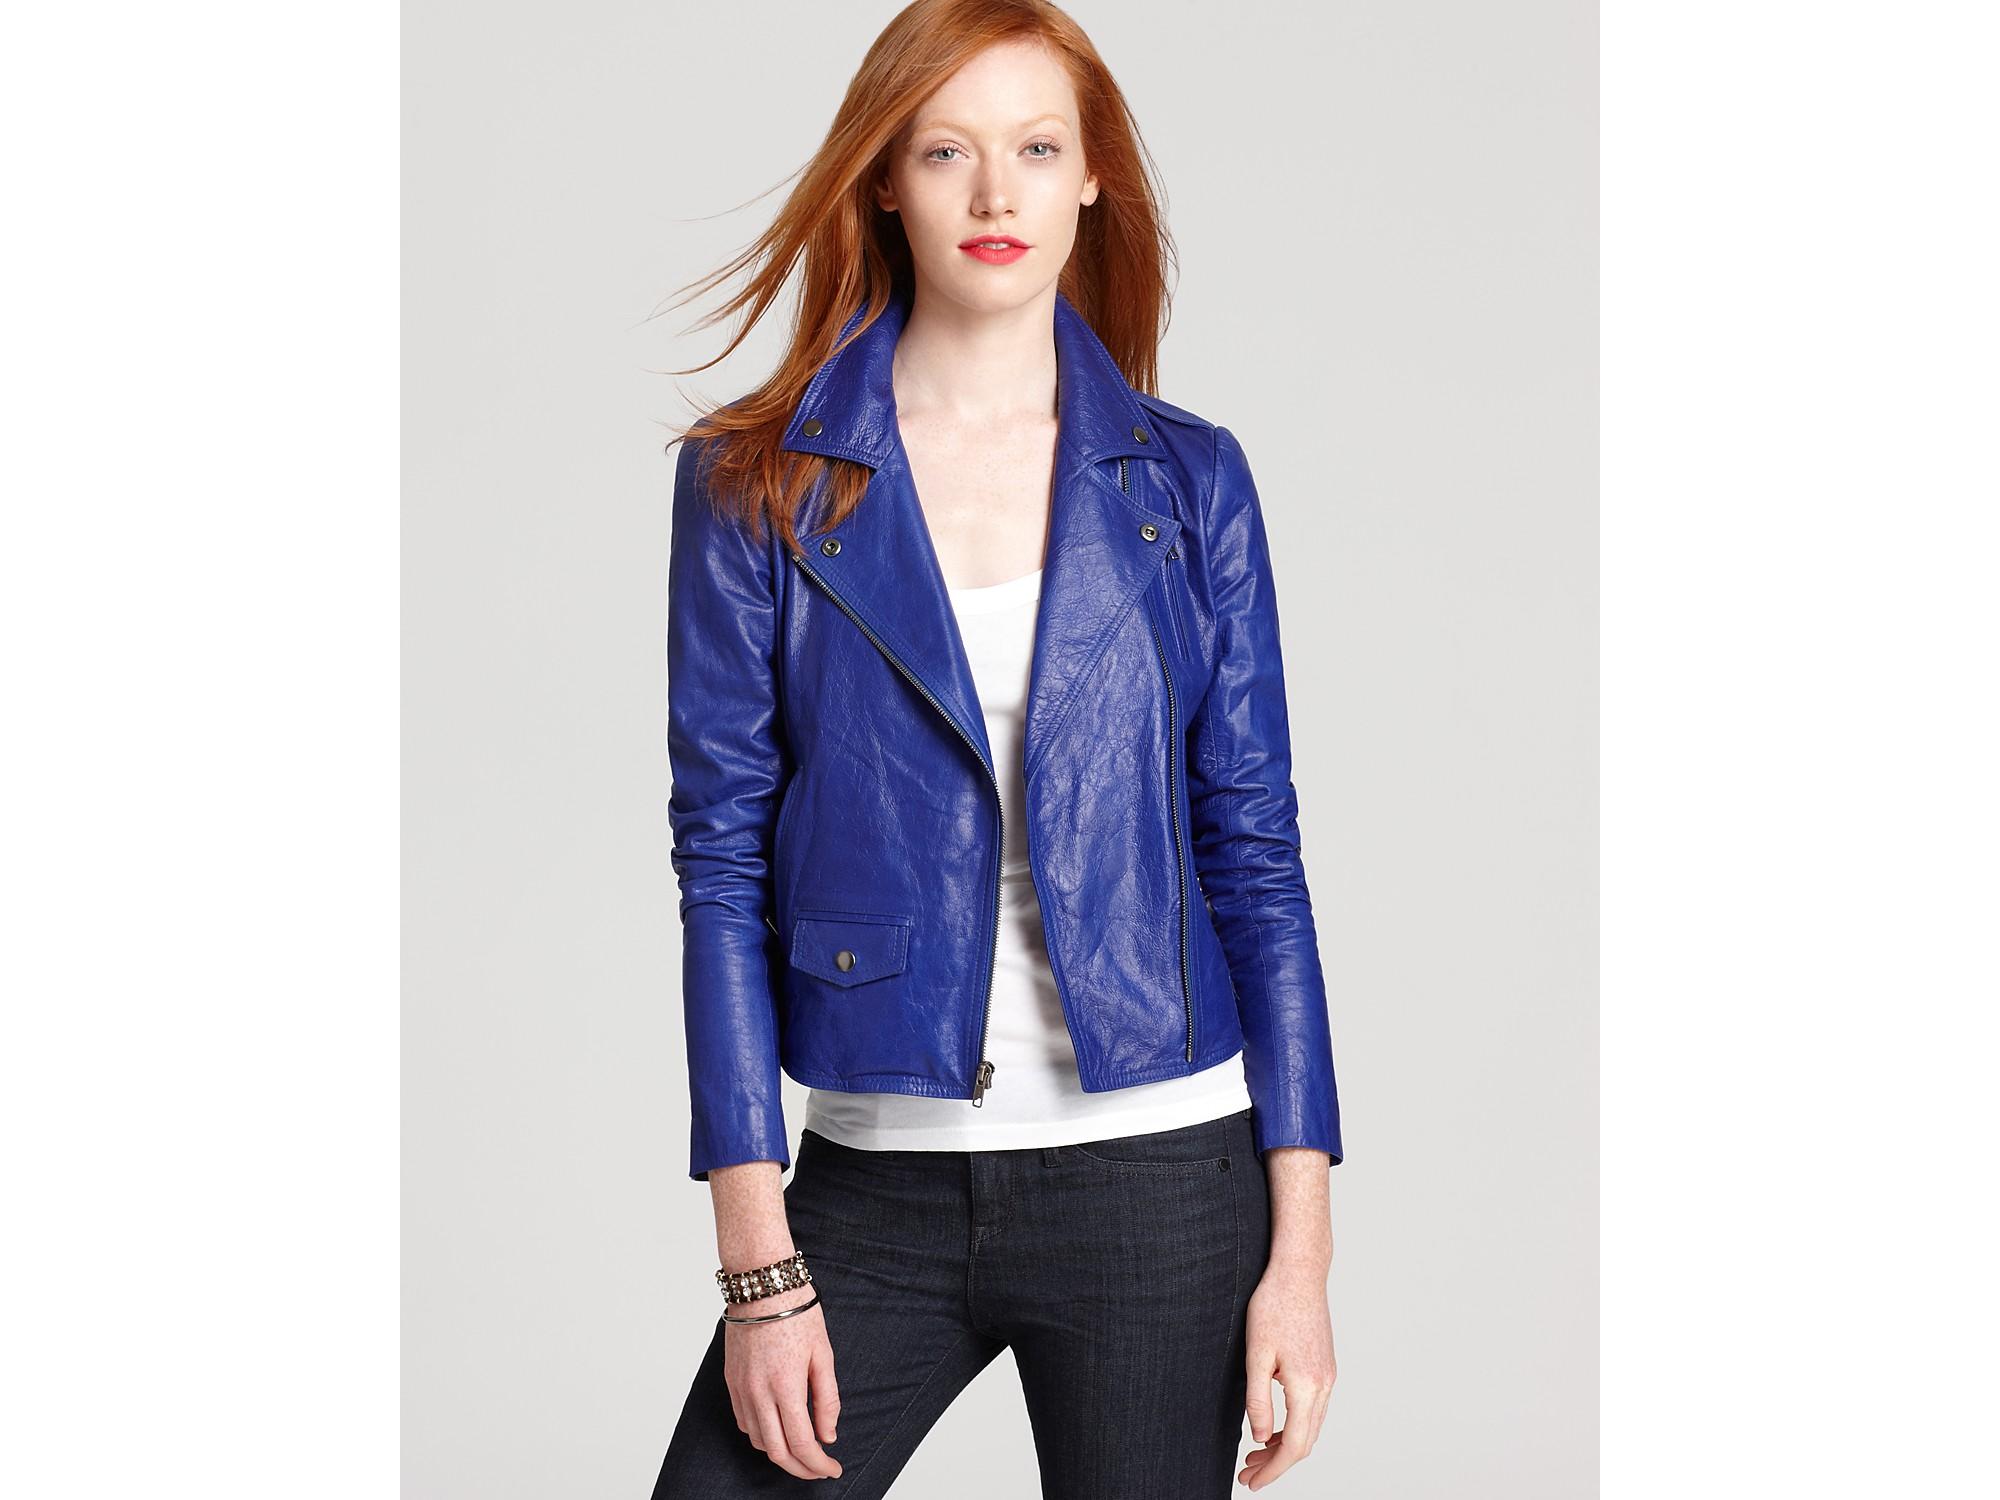 6a0b002cda Theory Elenian Leather Jacket in Blue - Lyst